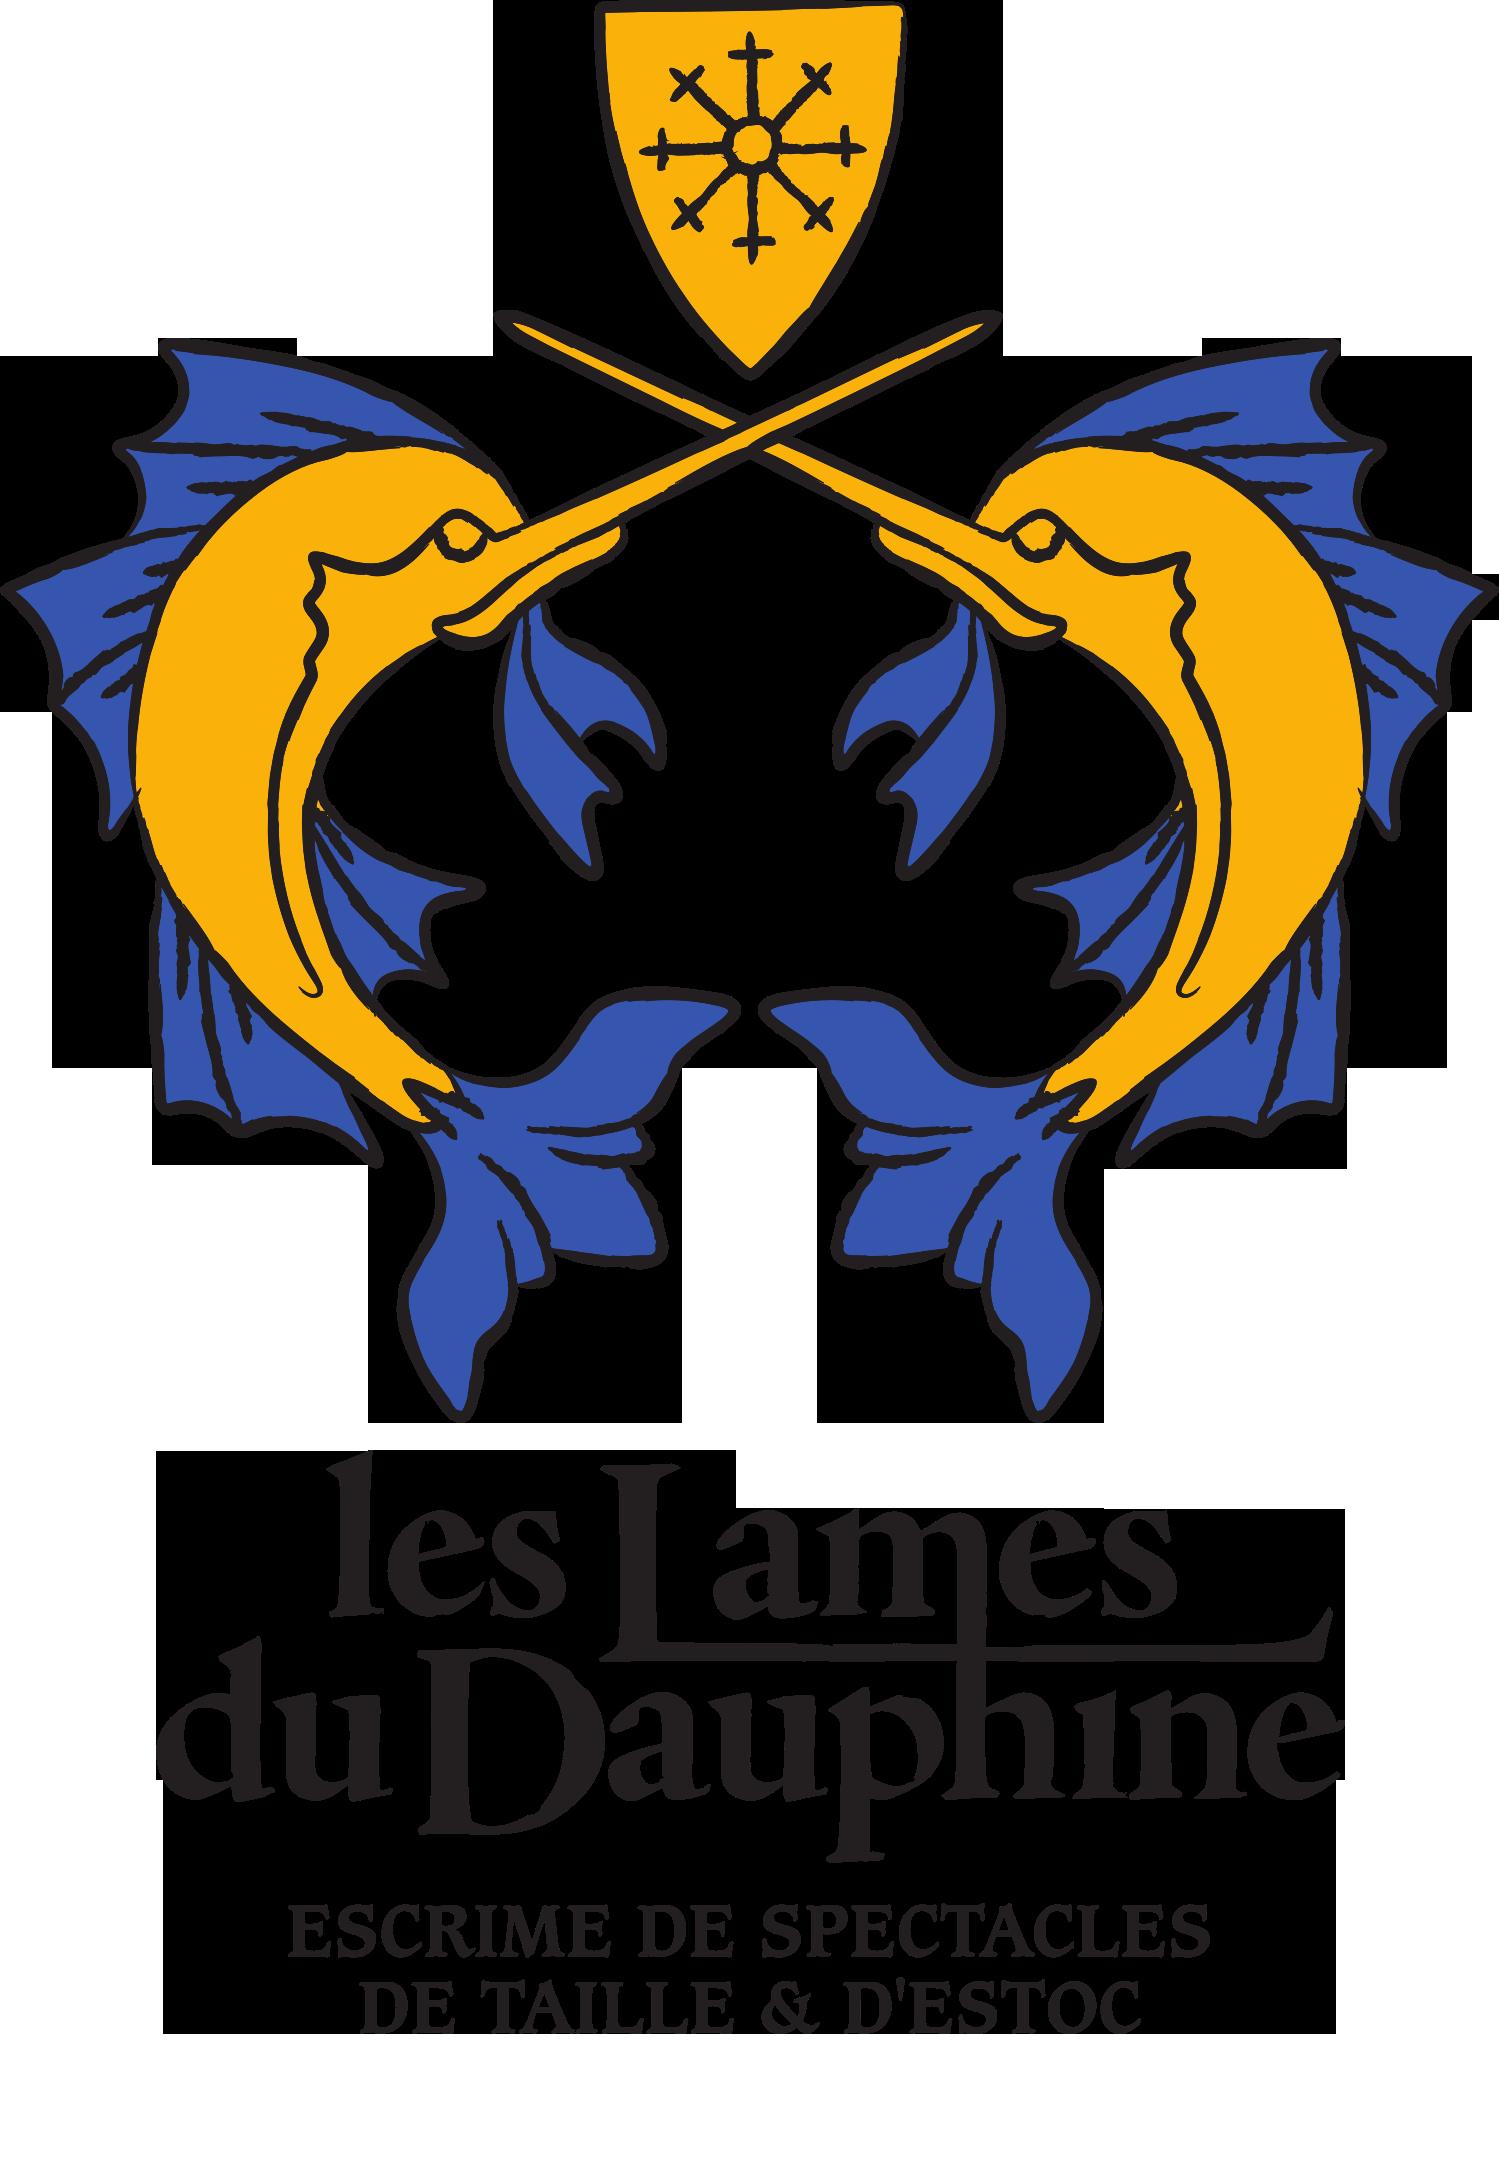 Les Lames du Dauphiné